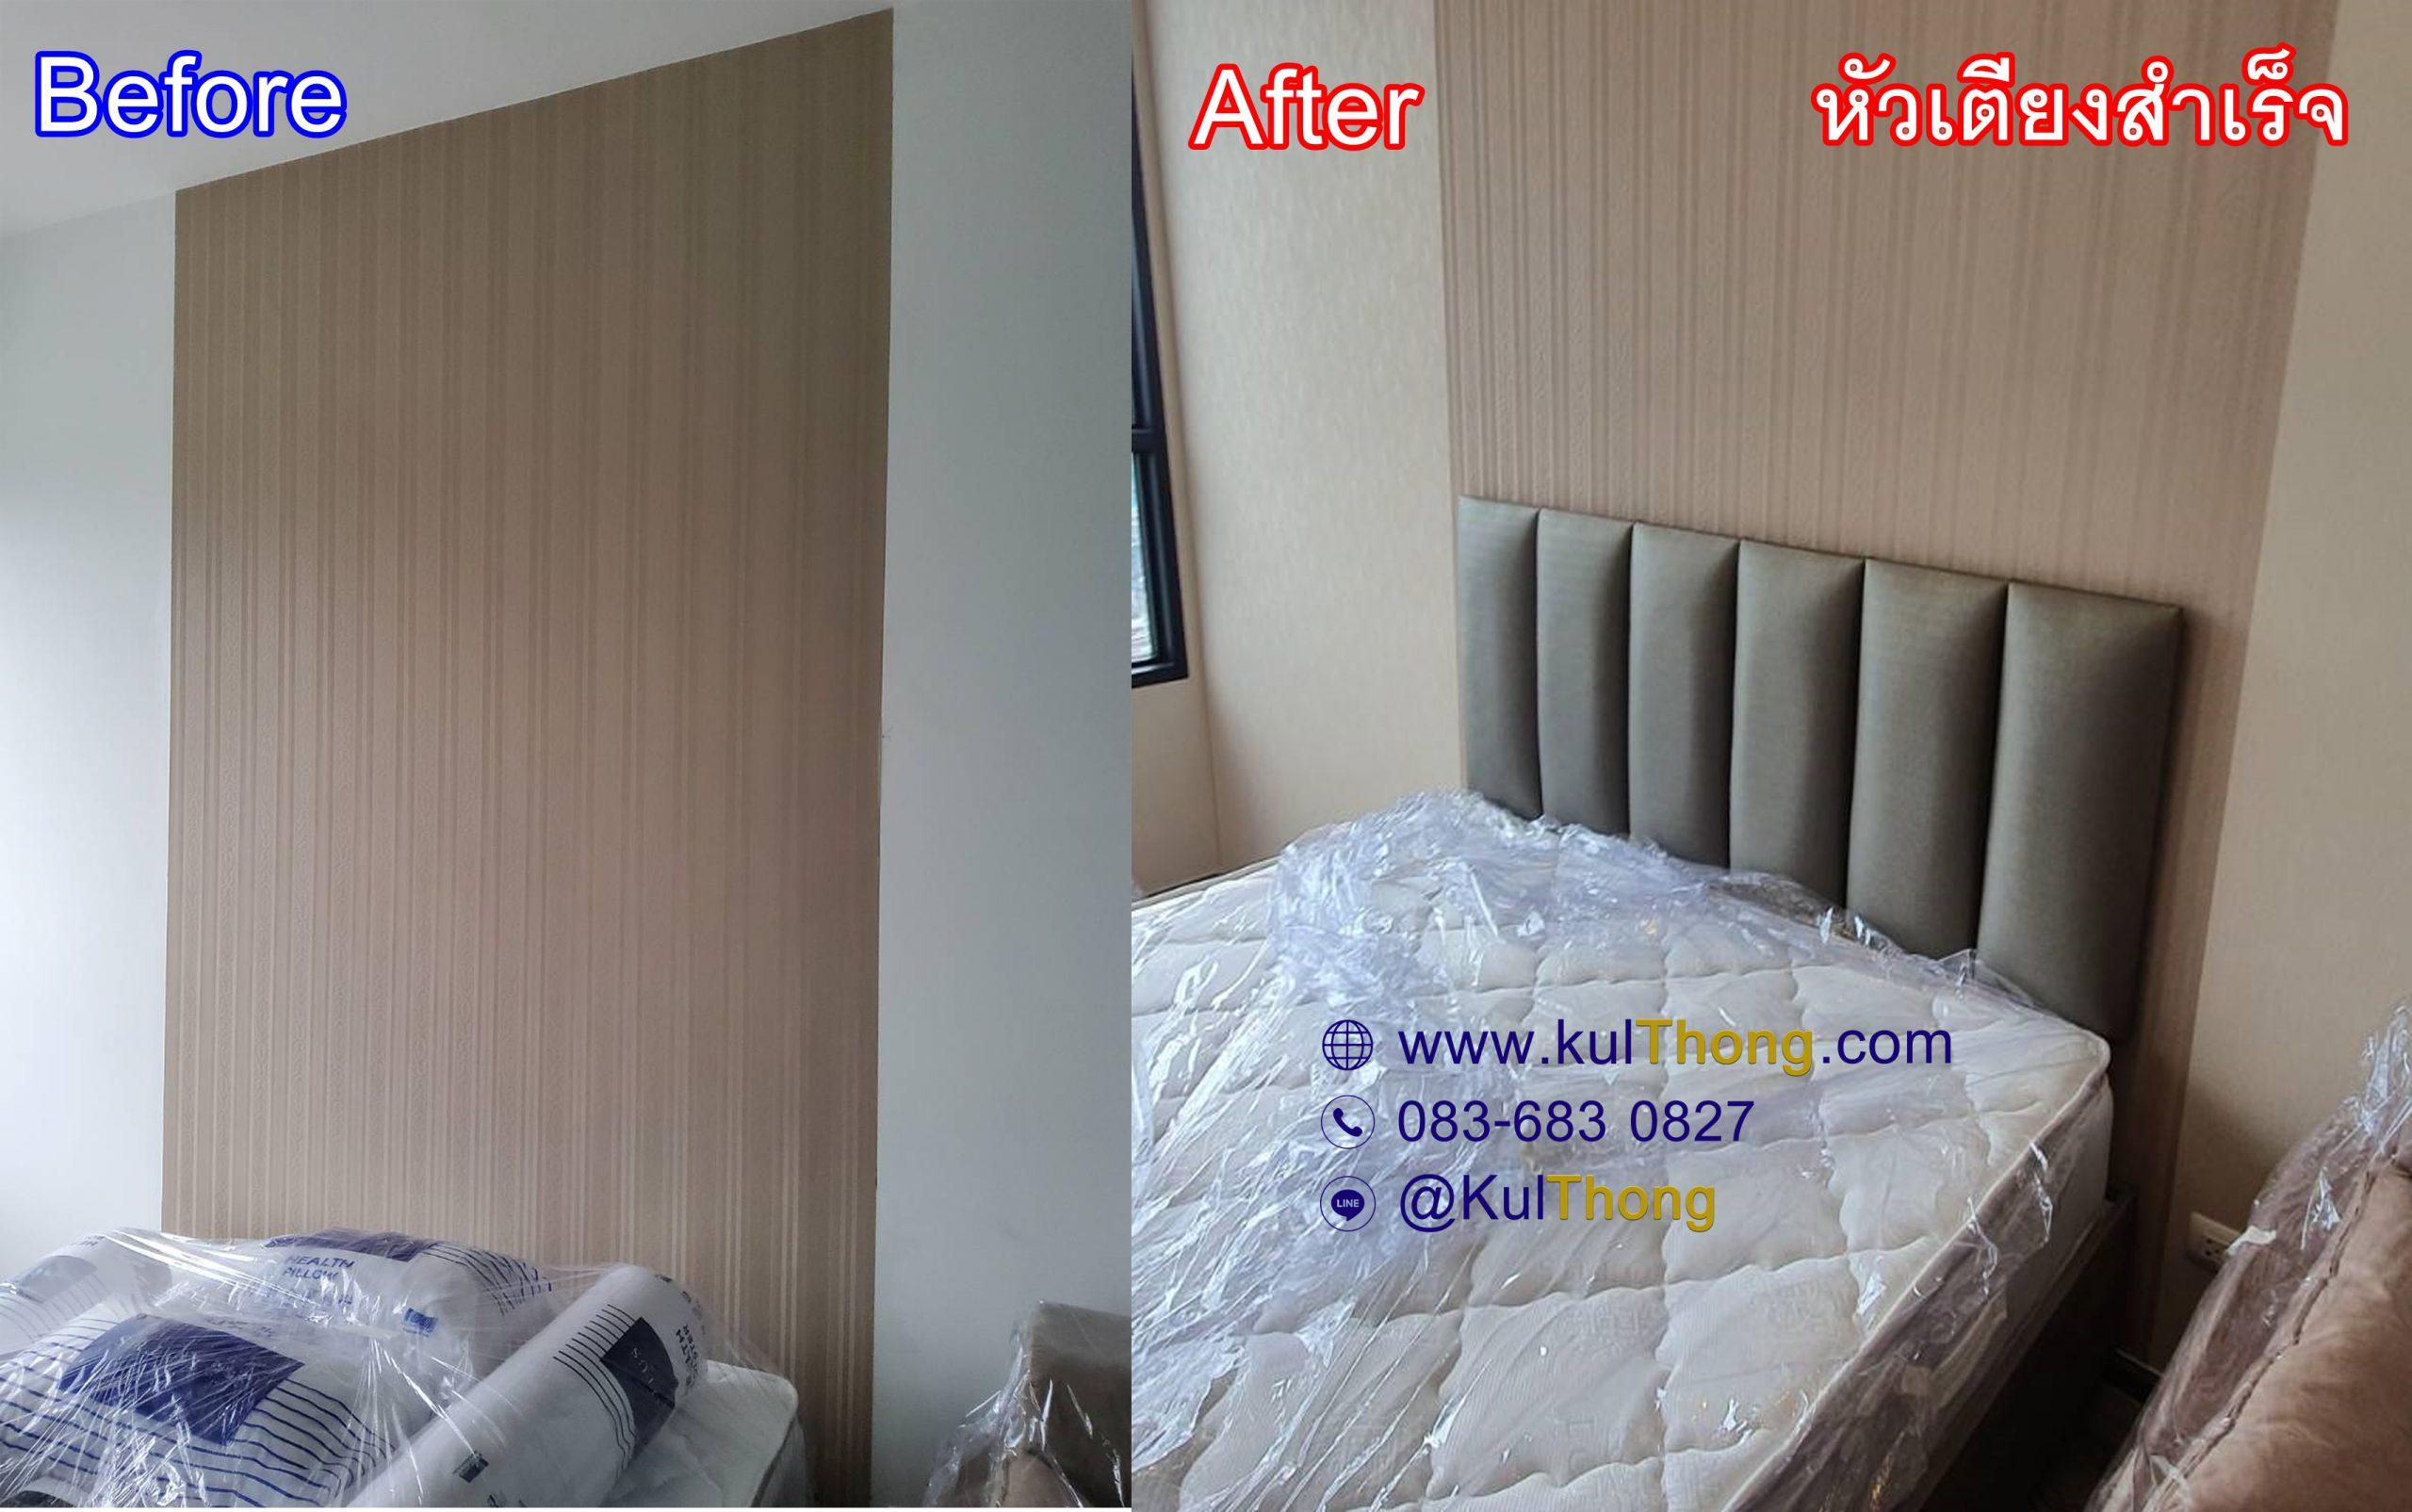 หัวเตียงสำเร็จรูป หัวเตียงแขวนผนัง หัวเตียงติดผนัง